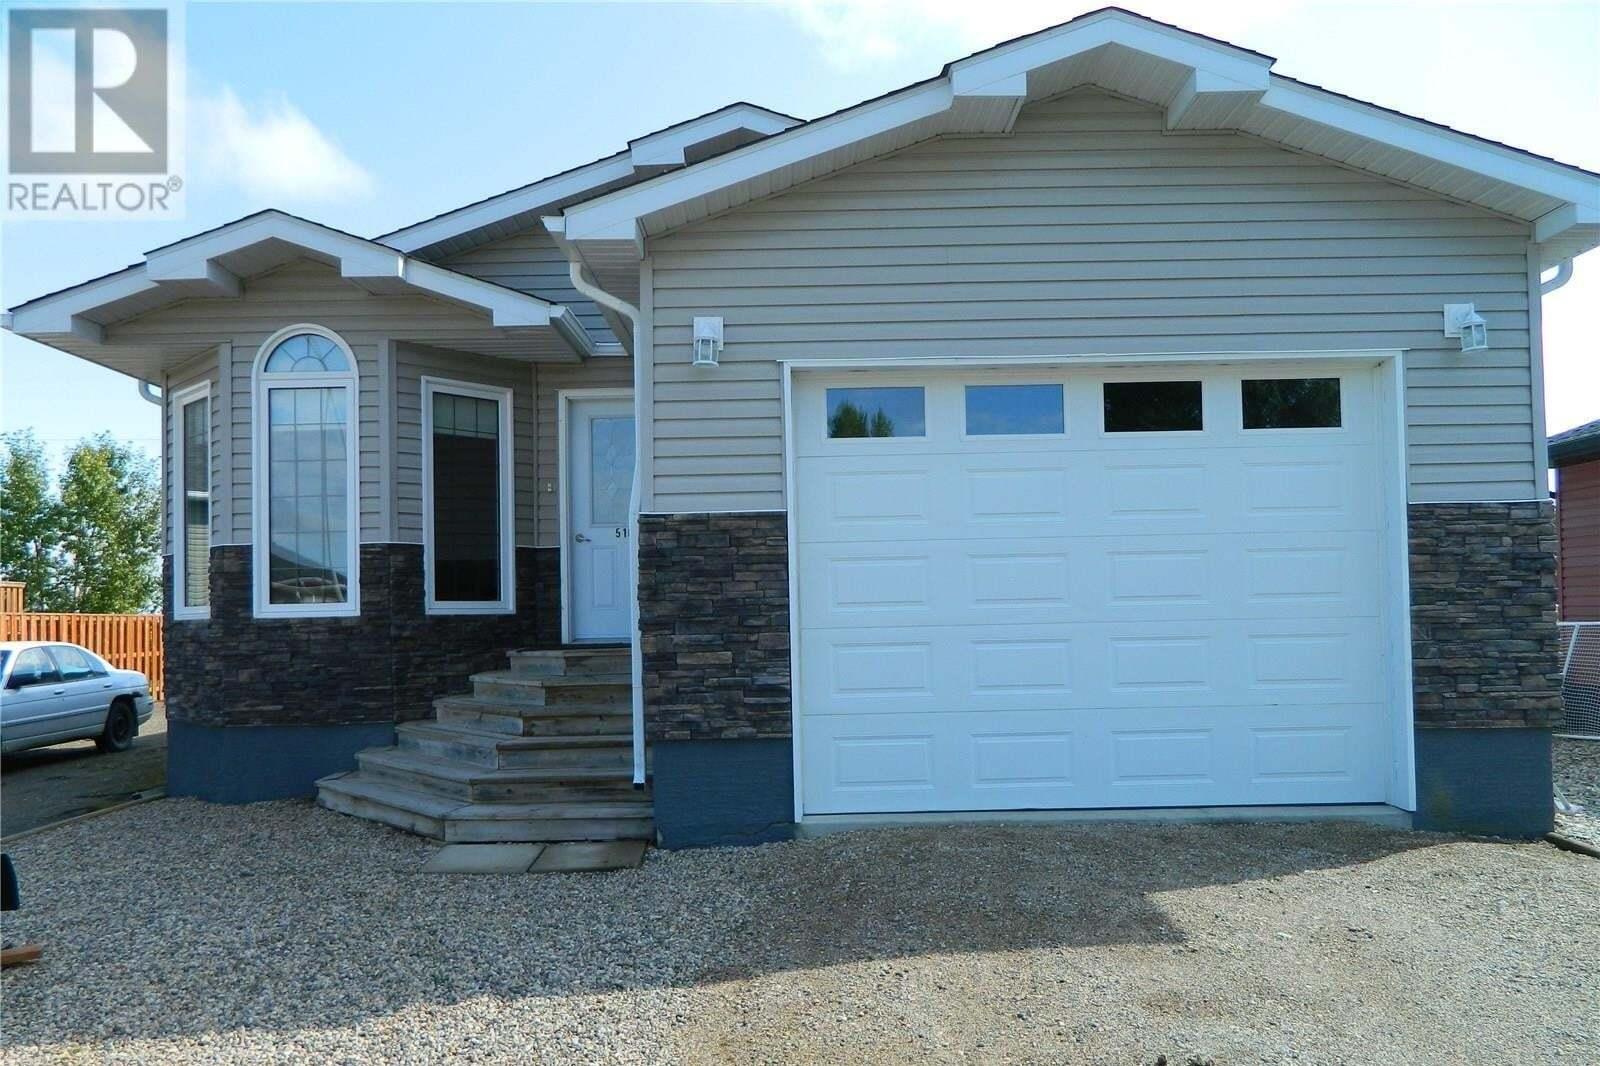 House for sale at 518 4th St N Langenburg Saskatchewan - MLS: SK826381